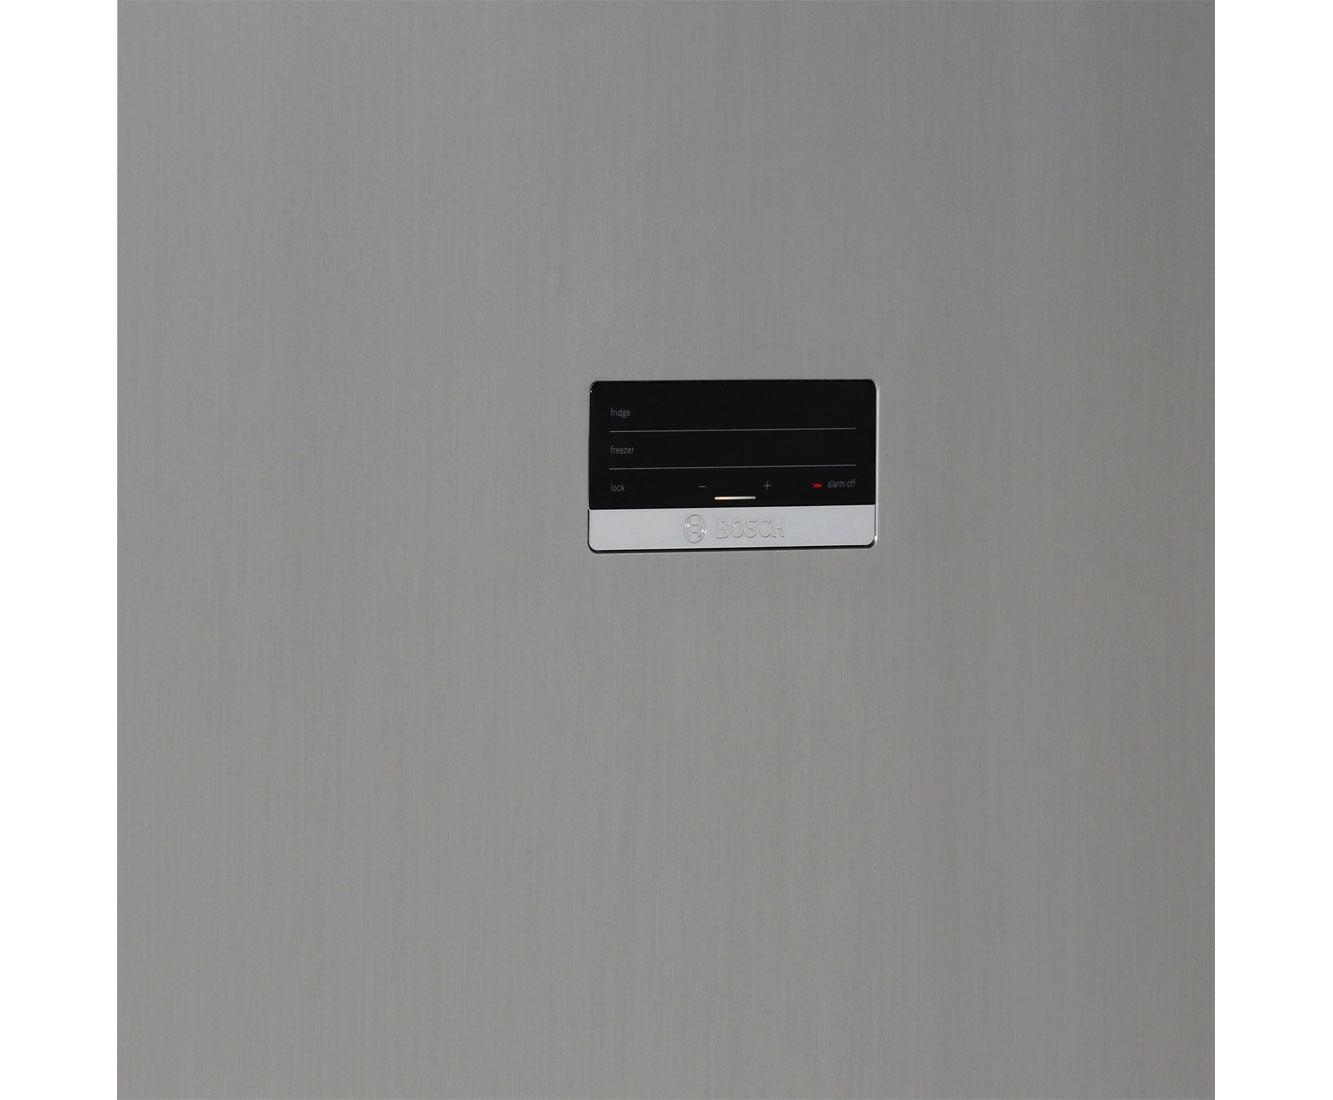 Bosch Kühlschrank Temperatureinstellung : Bosch serie kgn xl kühl gefrierkombination mit no frost